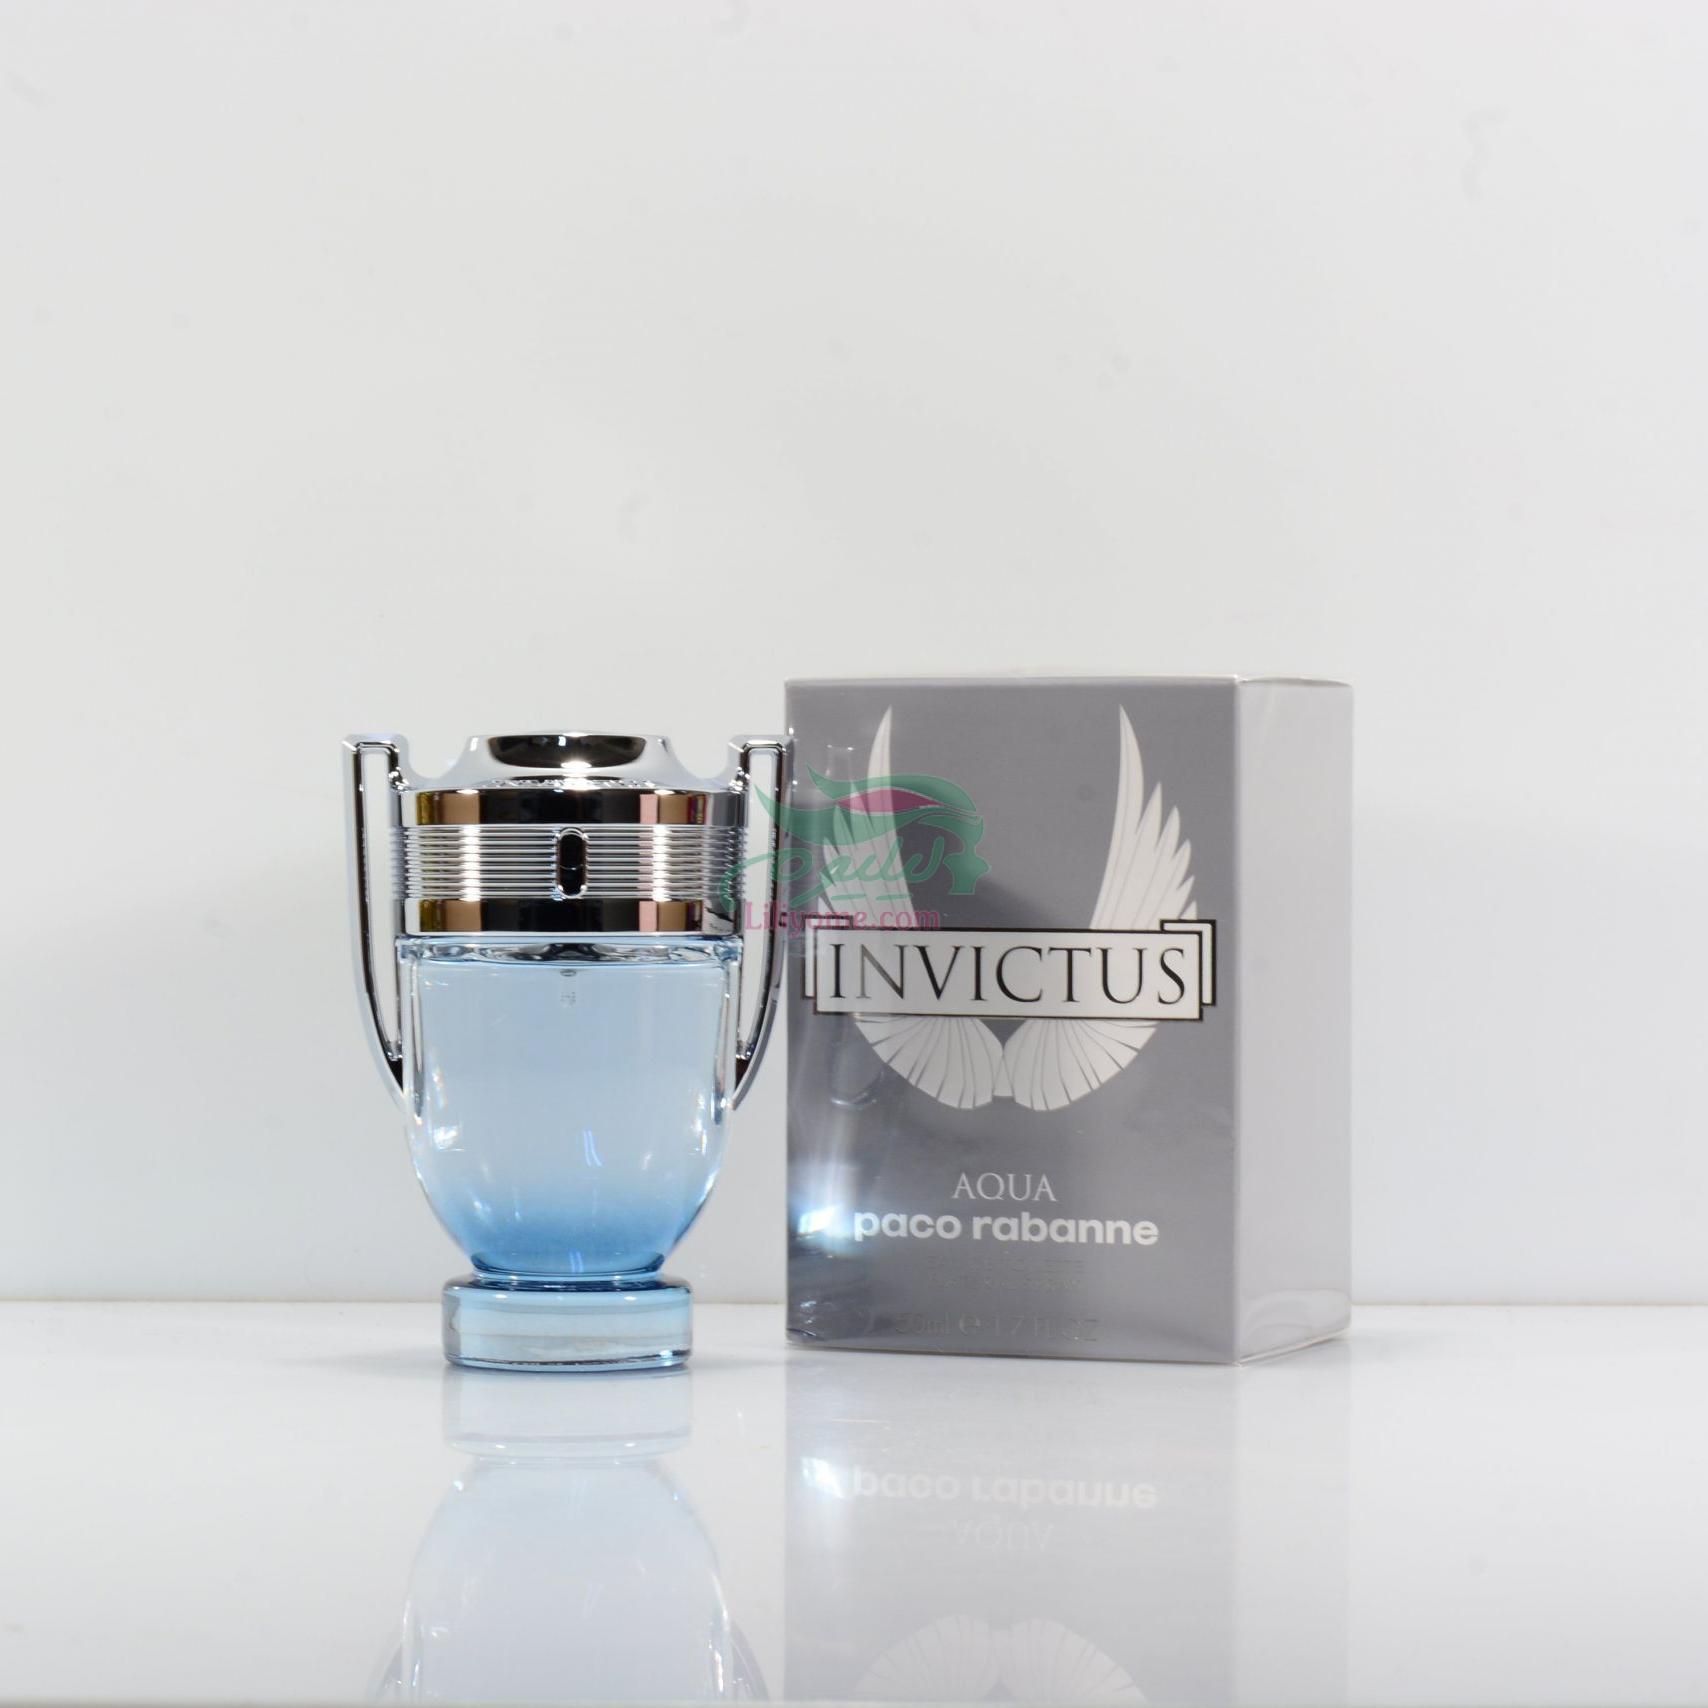 24abd036e خرید آنلاین عطر پاکو رابان اینویکتوس آکوا 2018 مردانه - از فروشگاه ...